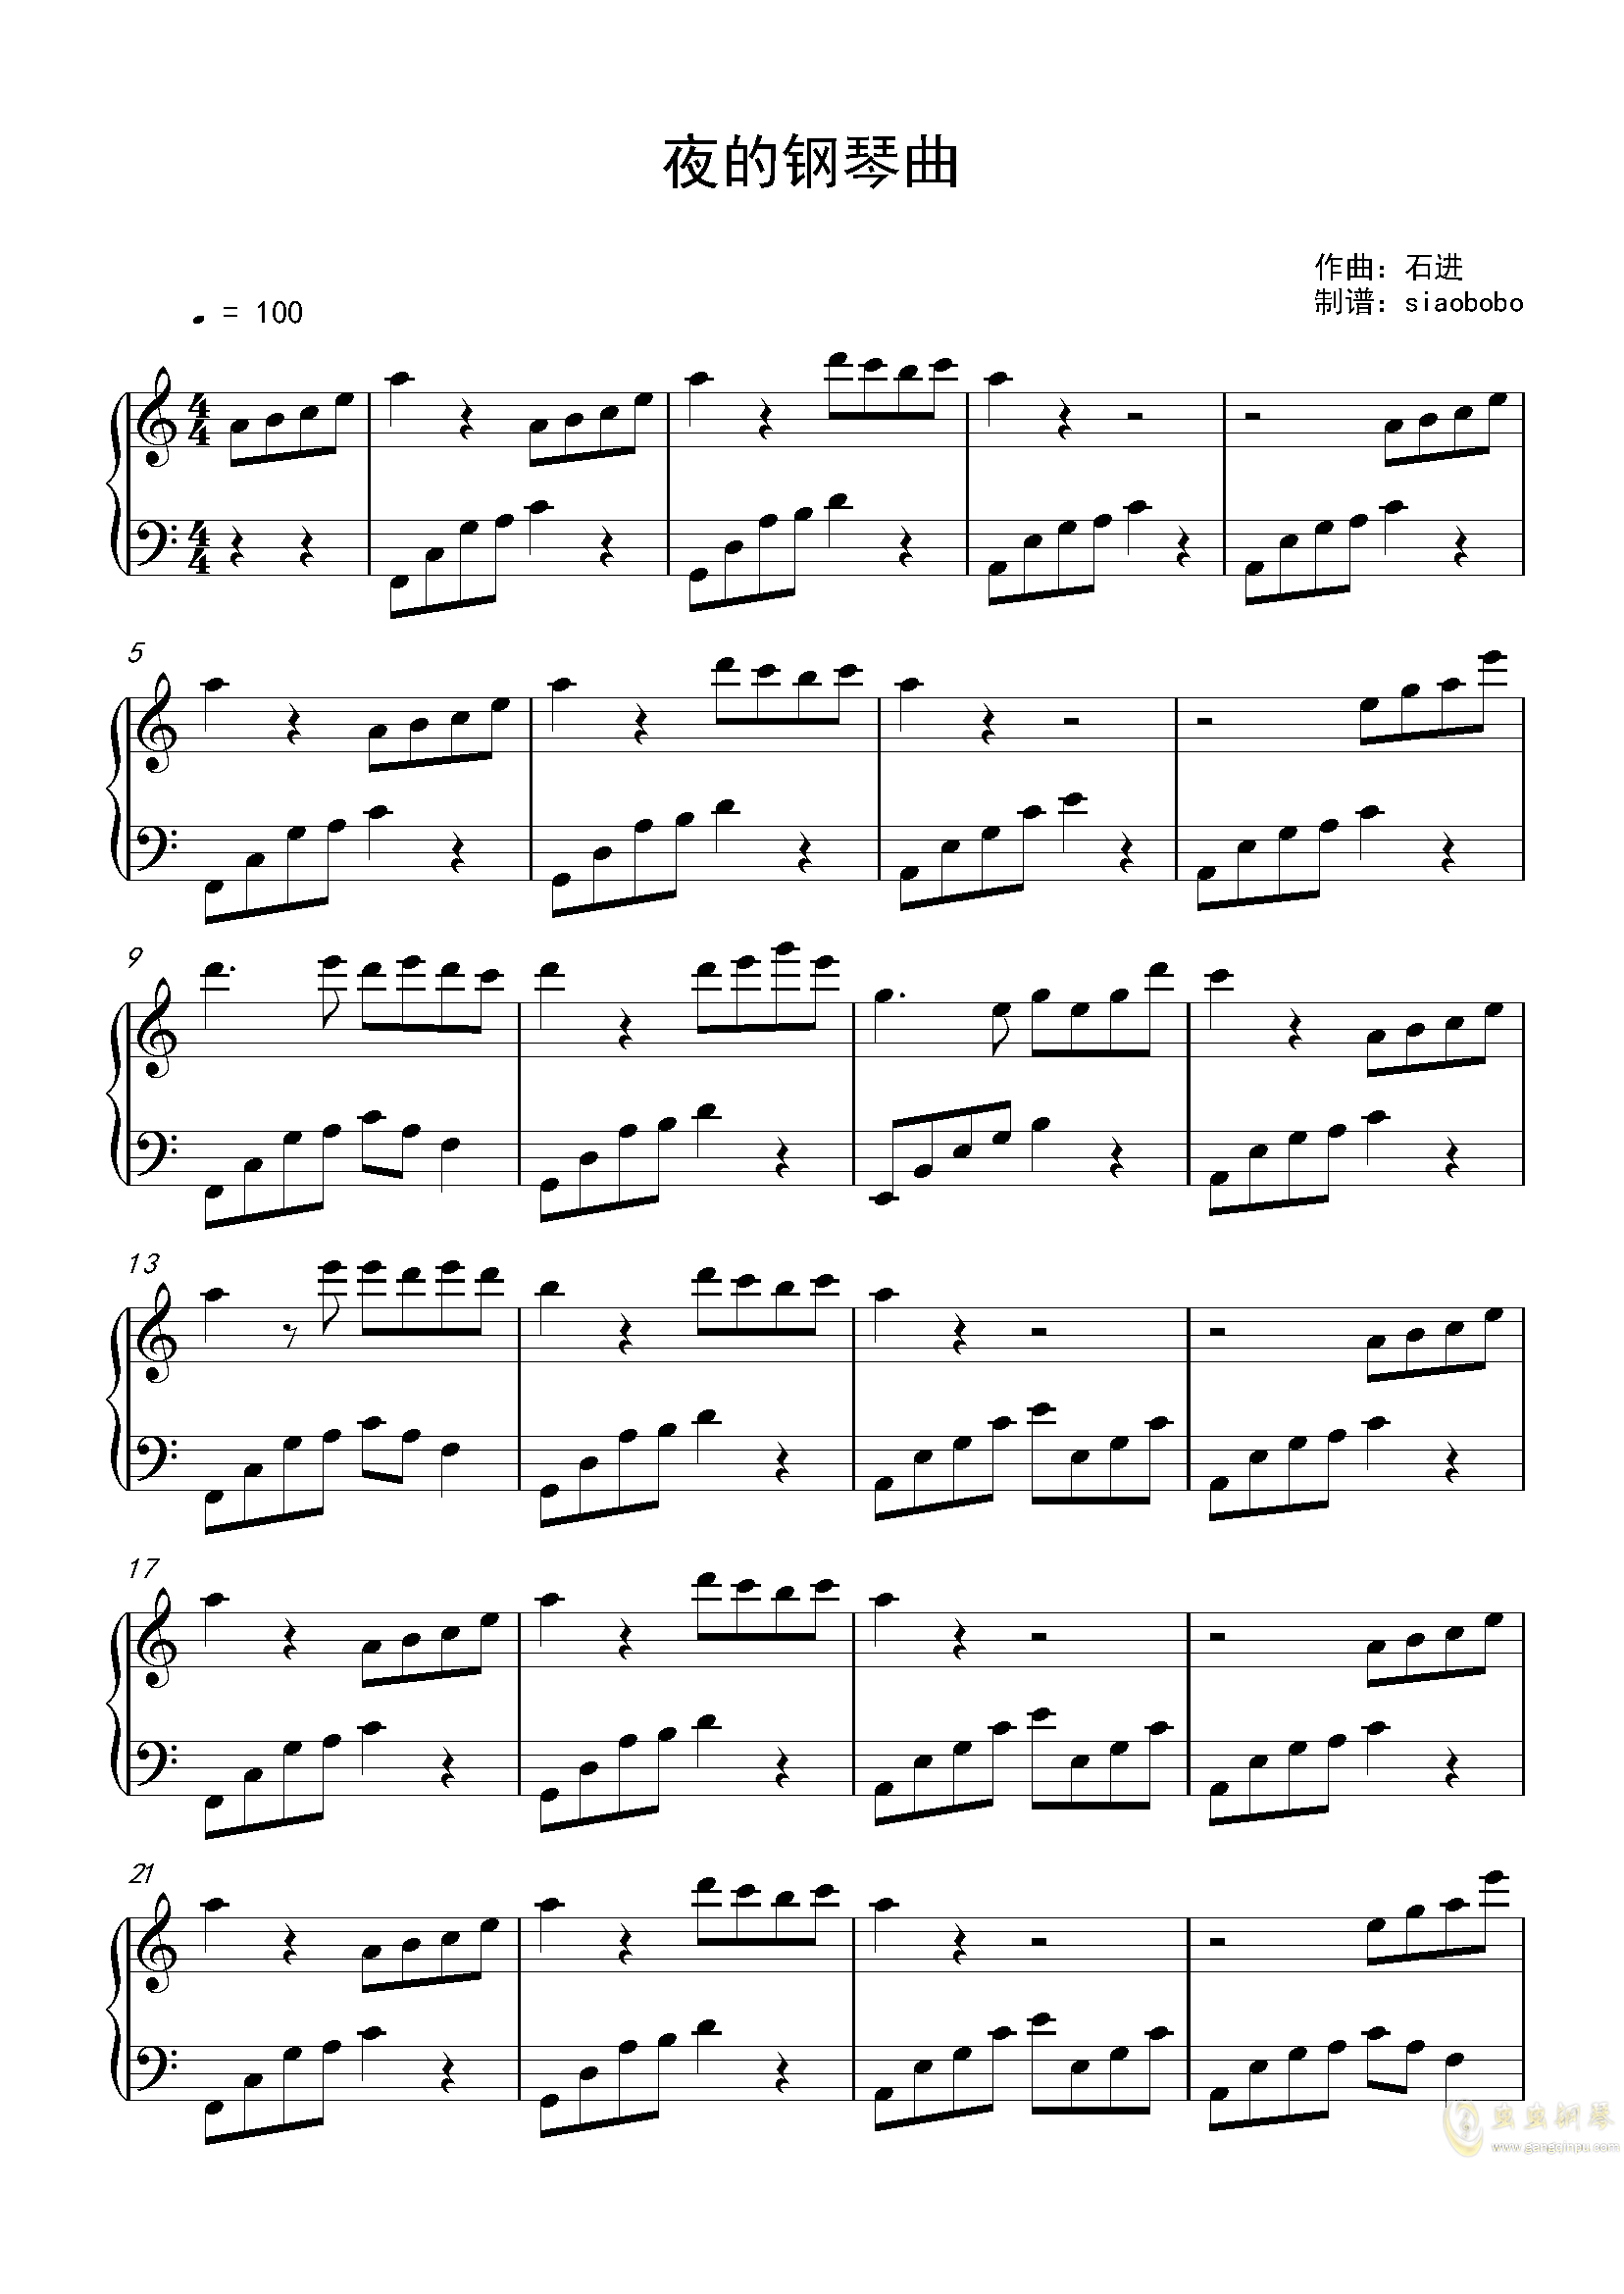 夜的钢琴曲5钢琴谱 第1页